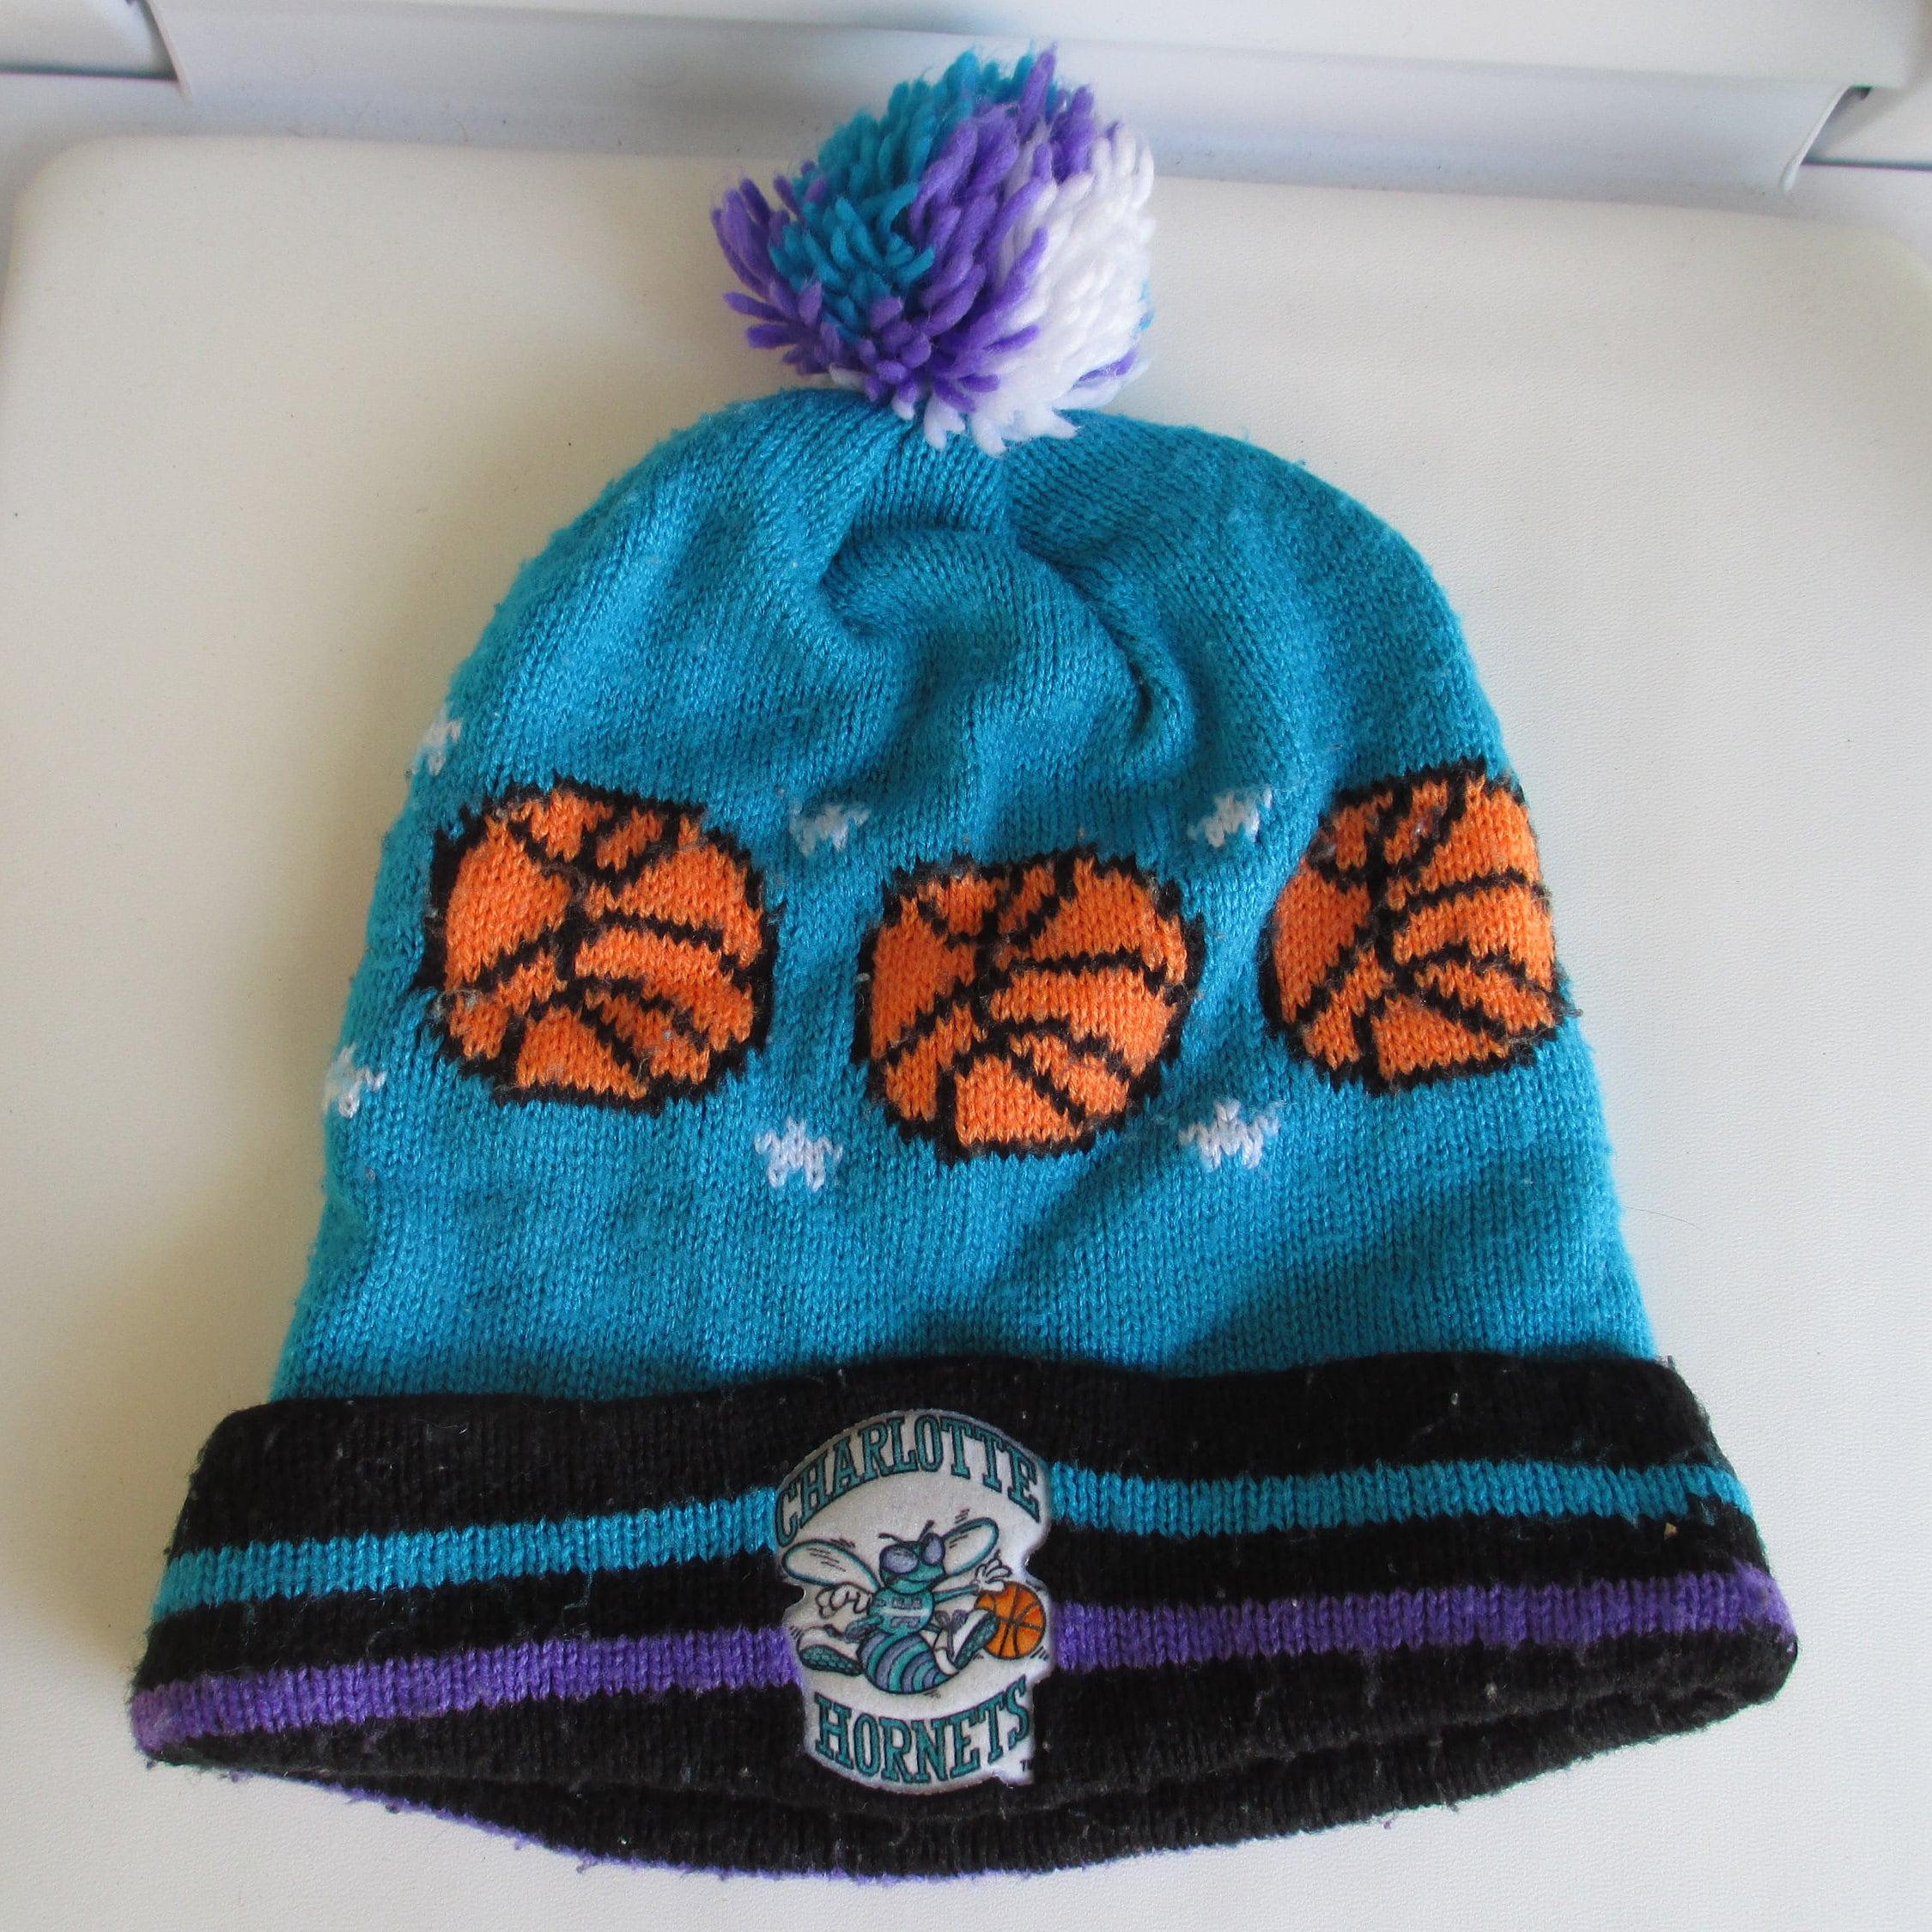 a8041e976e2 Vintage 80s 90s CHARLOTTE HORNETS knit winter pom pom ski